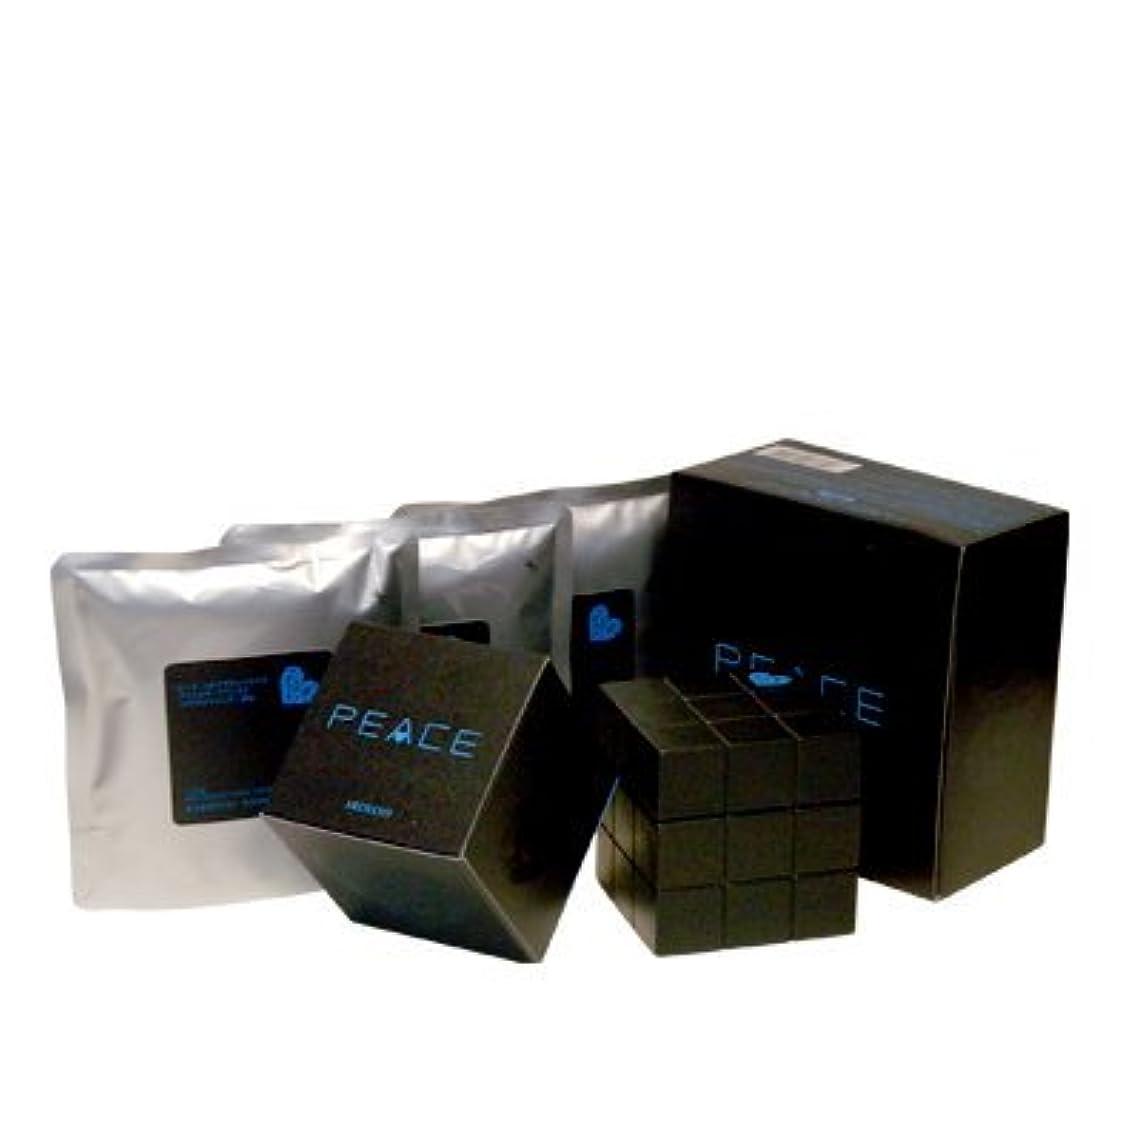 暴行研究所ランドマークアリミノ ピース プロデザインシリーズ フリーズキープワックス ブラック80g+詰め替え80g×3